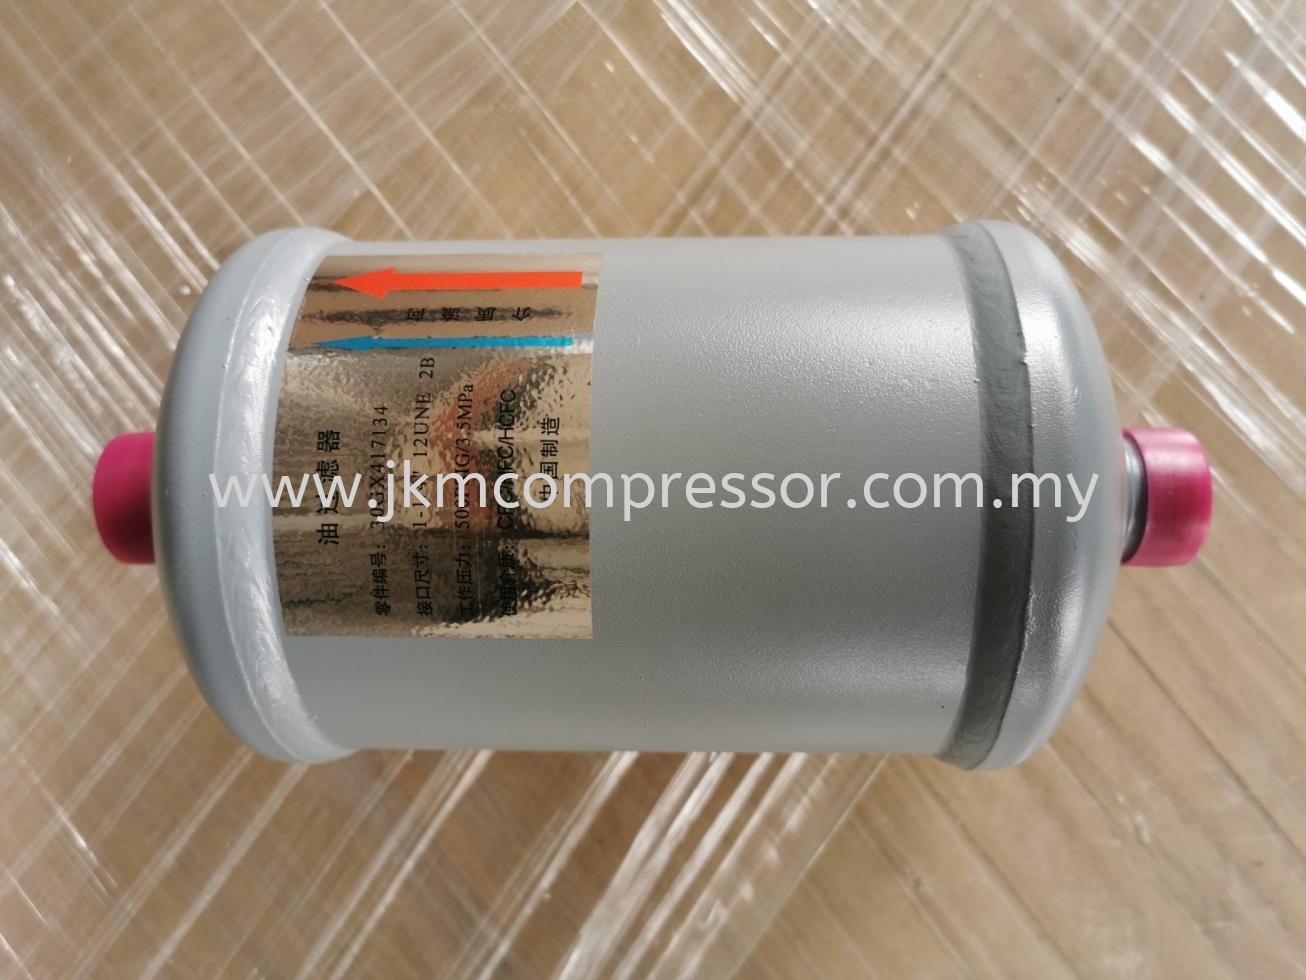 30GX417134 - CARRIER 30GX417134 EXTERNAL OIL FILTER